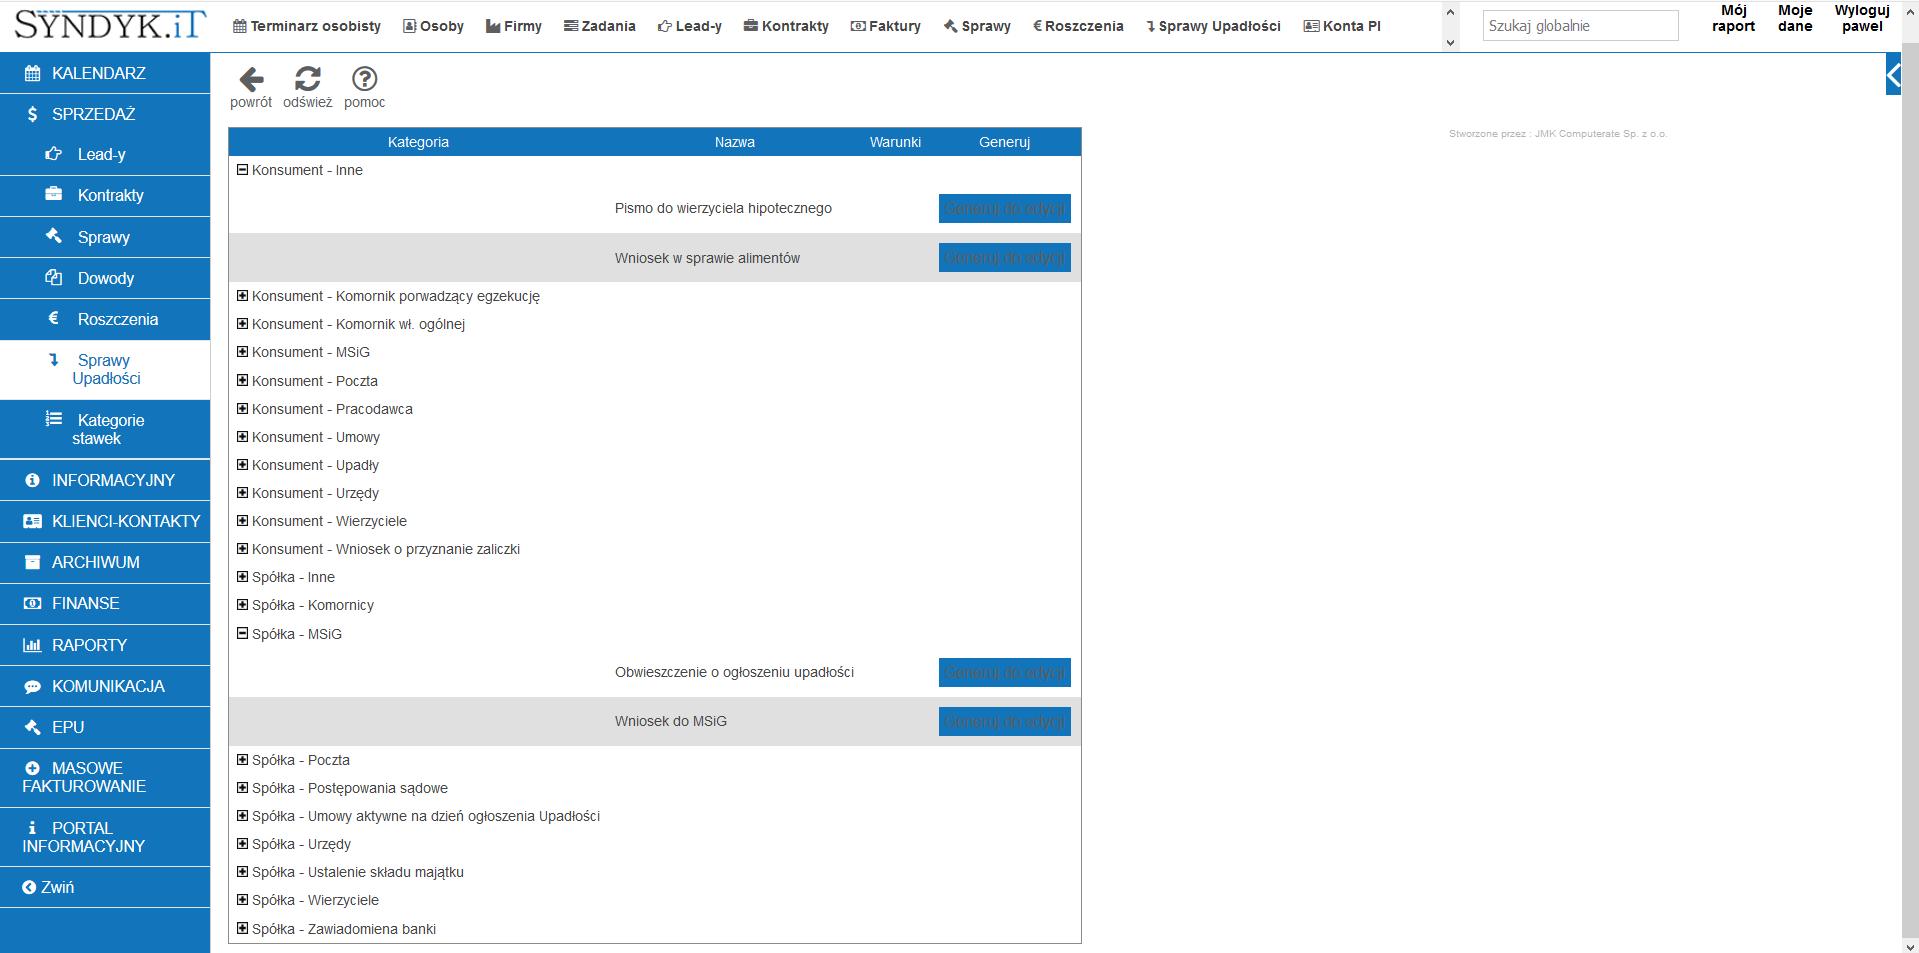 Syndyk.iT - widok generatora dokumentów